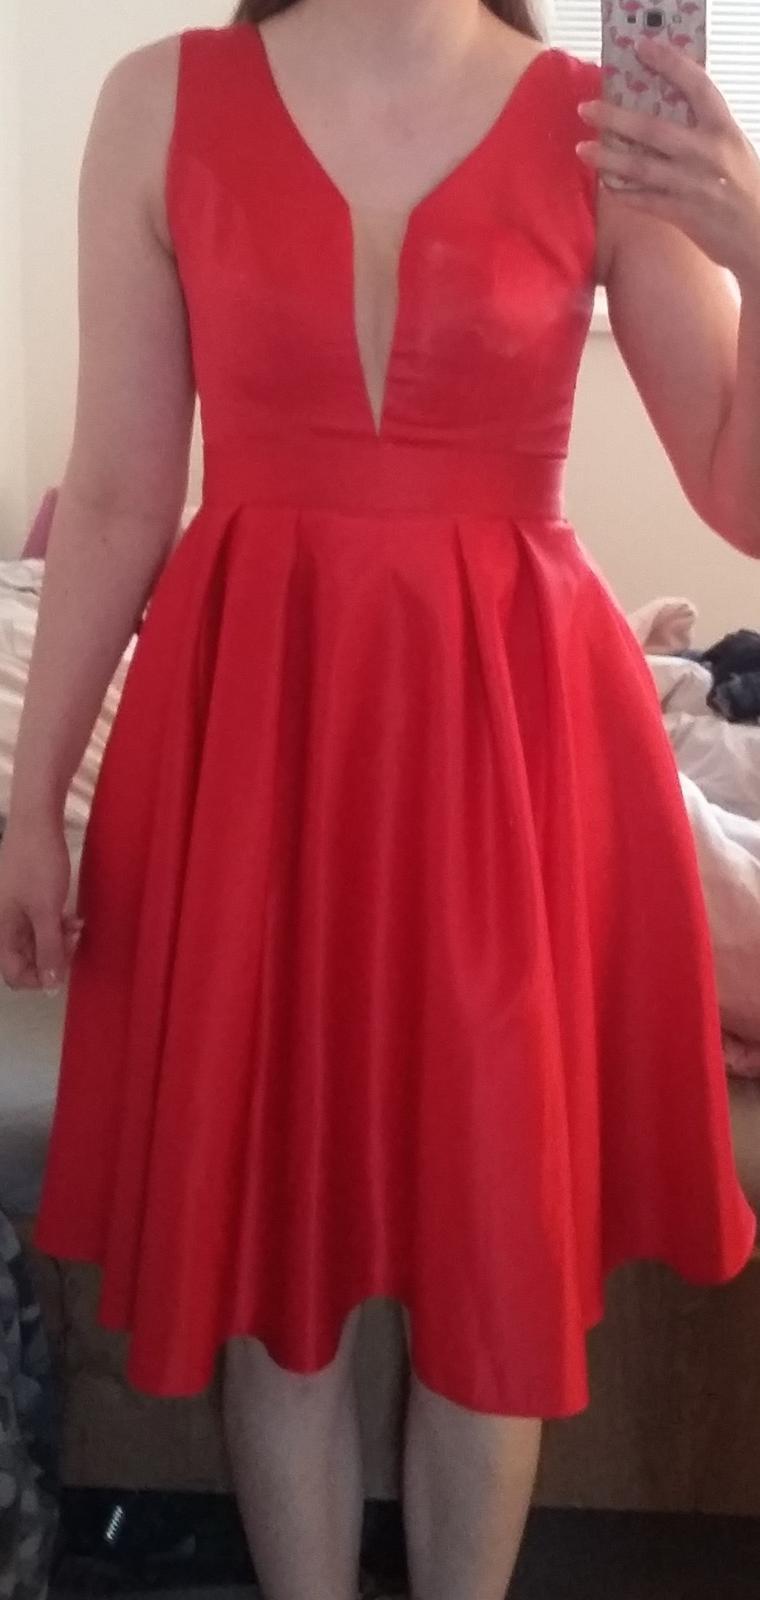 Červené šaty, redový - Obrázok č. 3